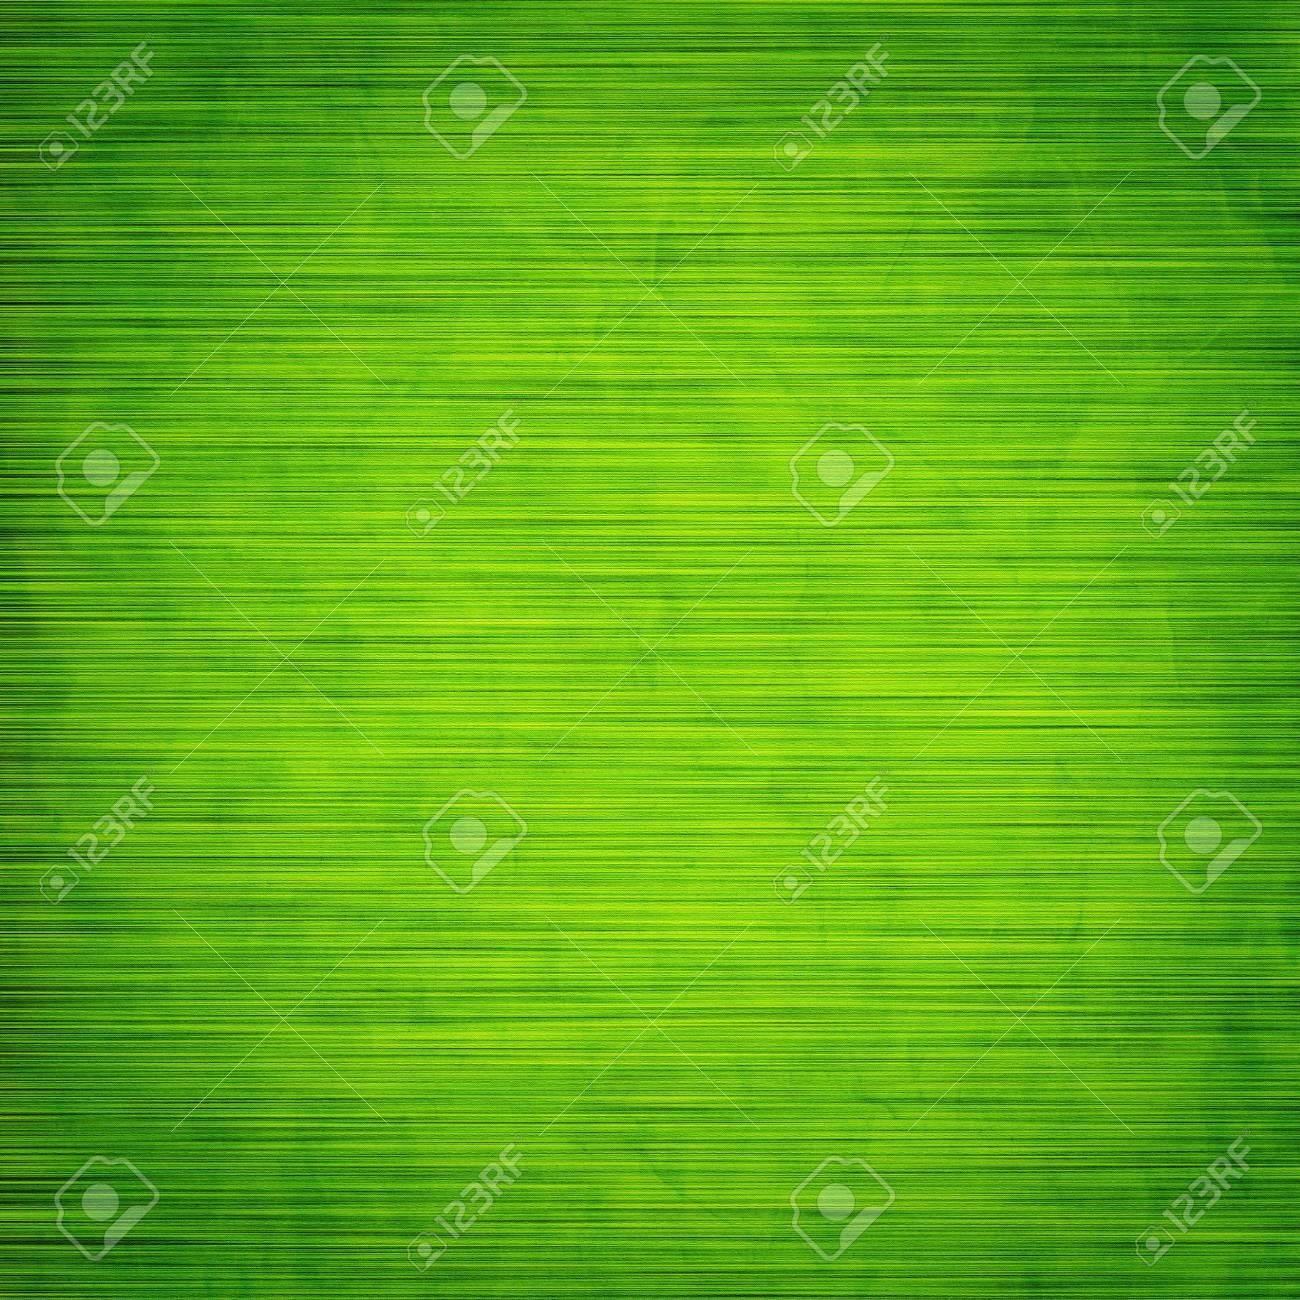 Elegante Sfondo Verde Astratto Modello Trama Qualità Hd Altissima Risoluzione